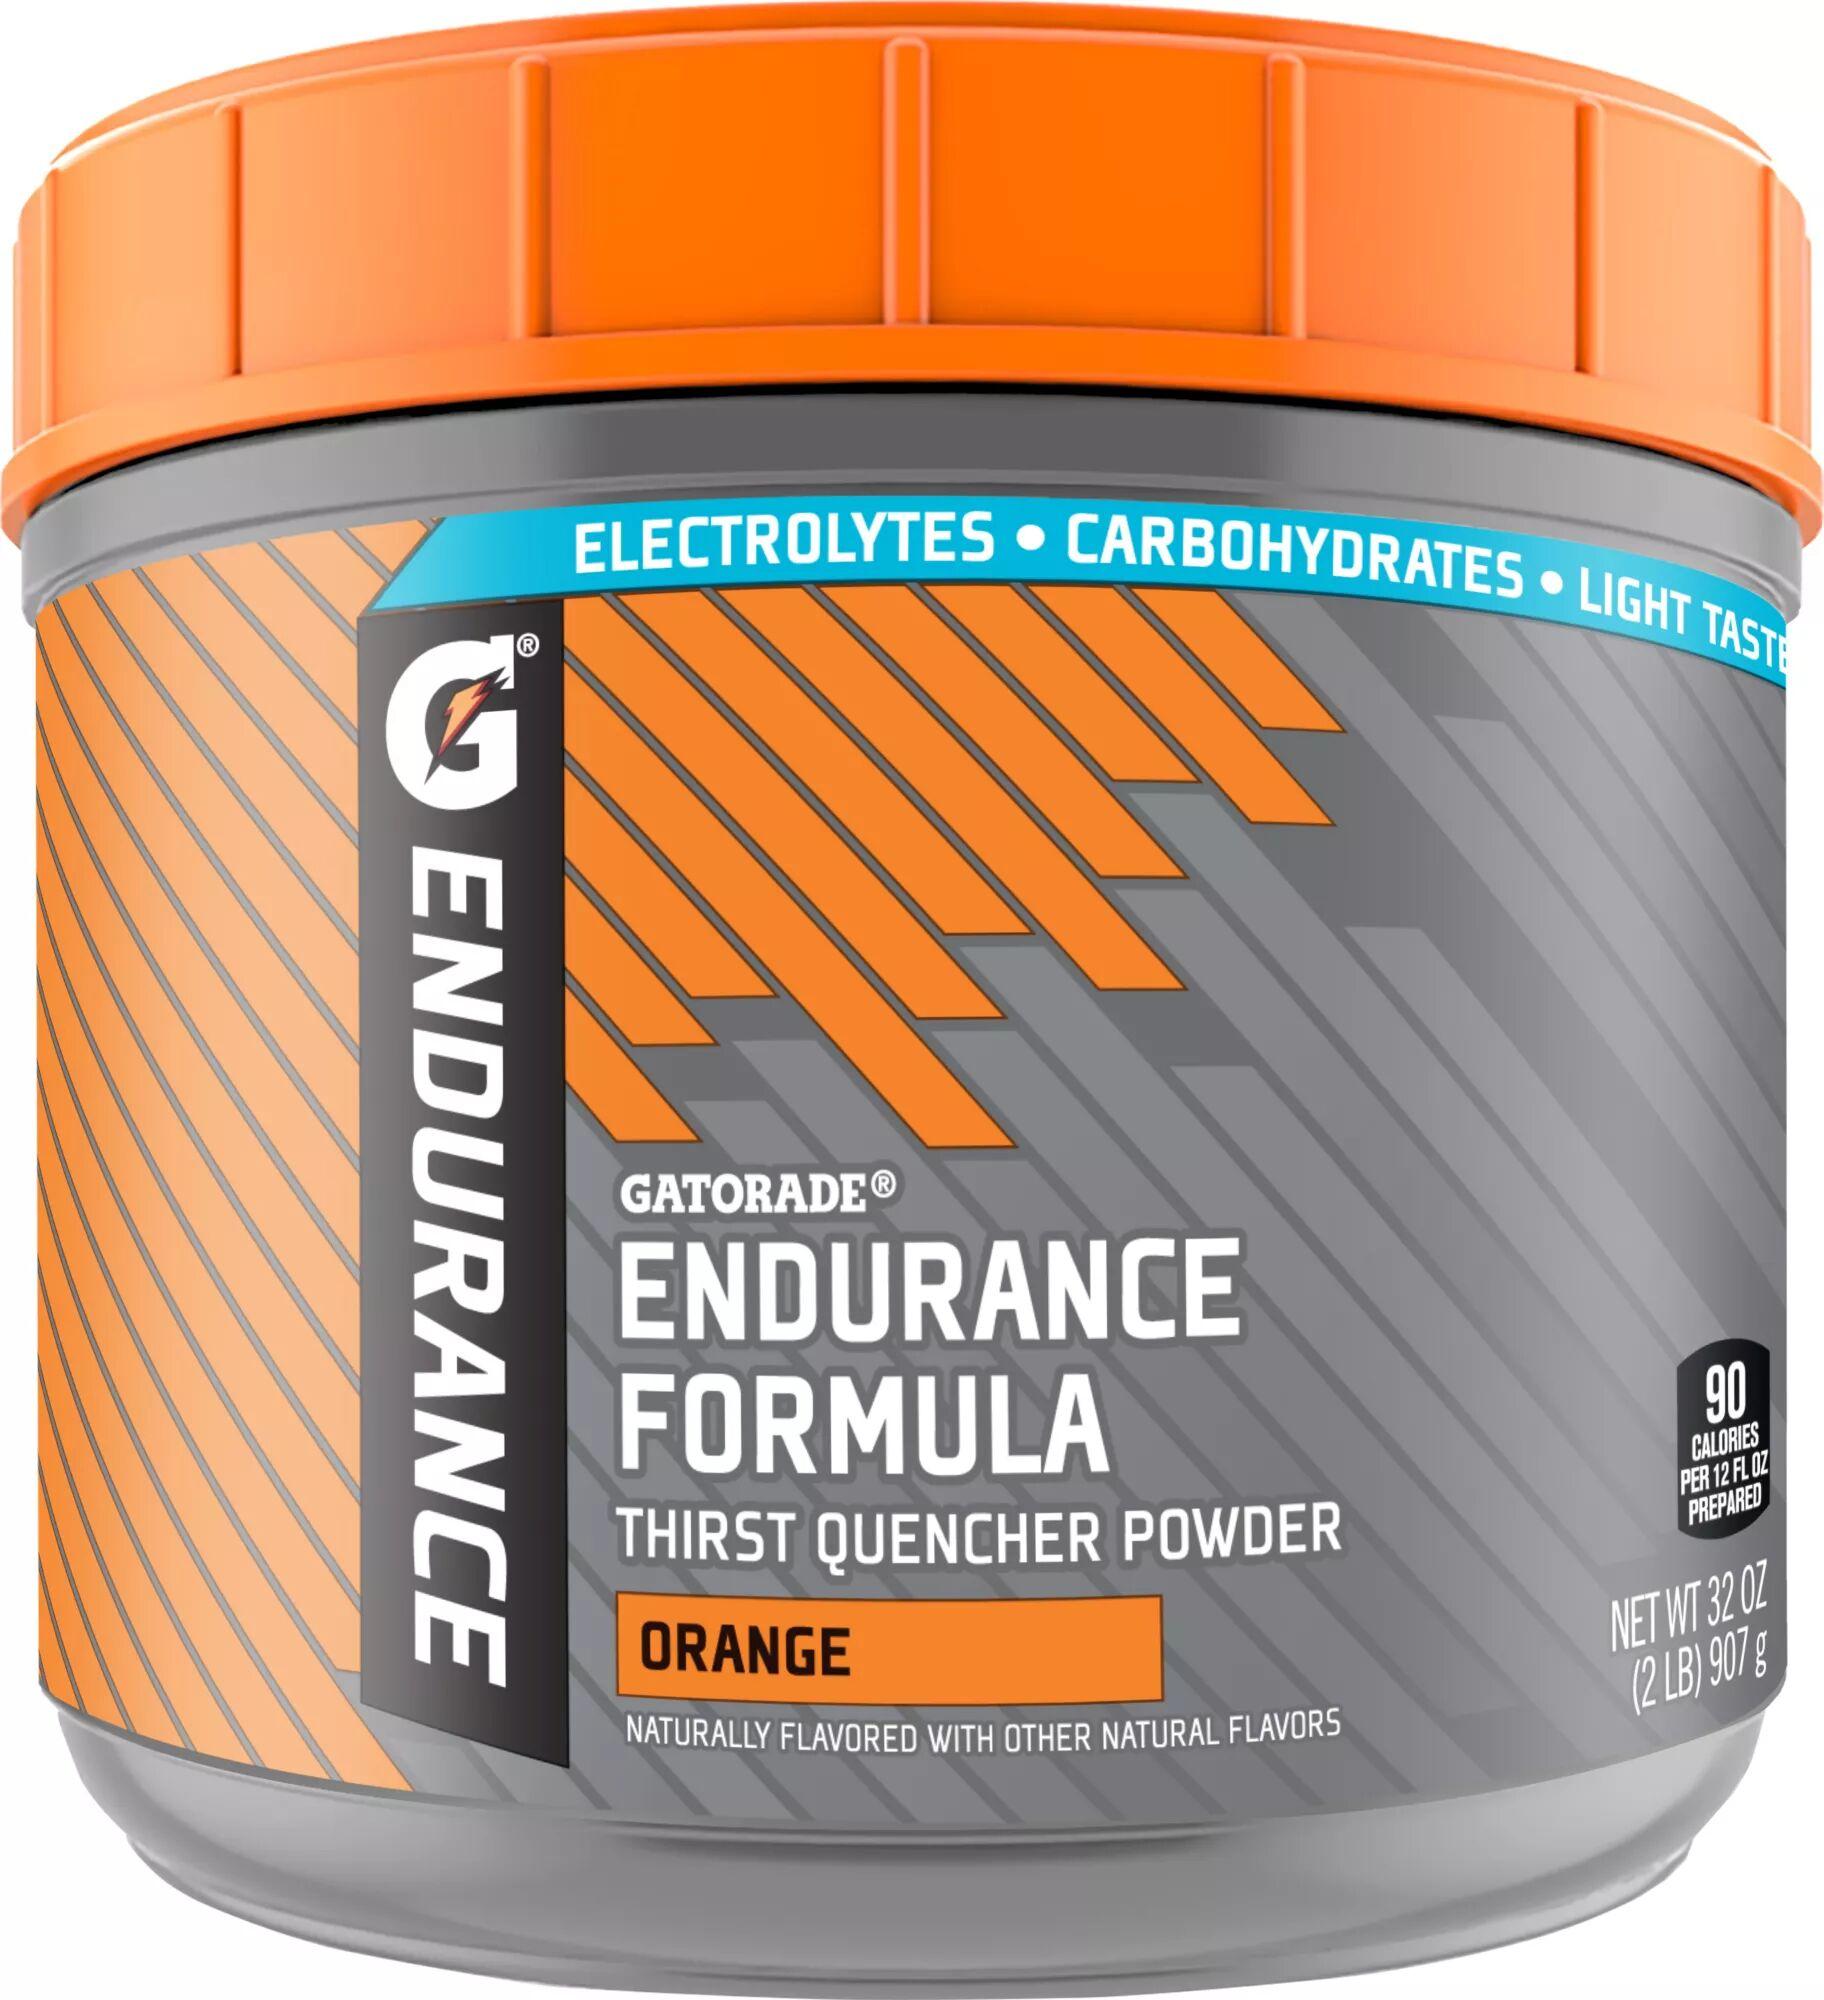 Gatorade Endurance Powder - Orange